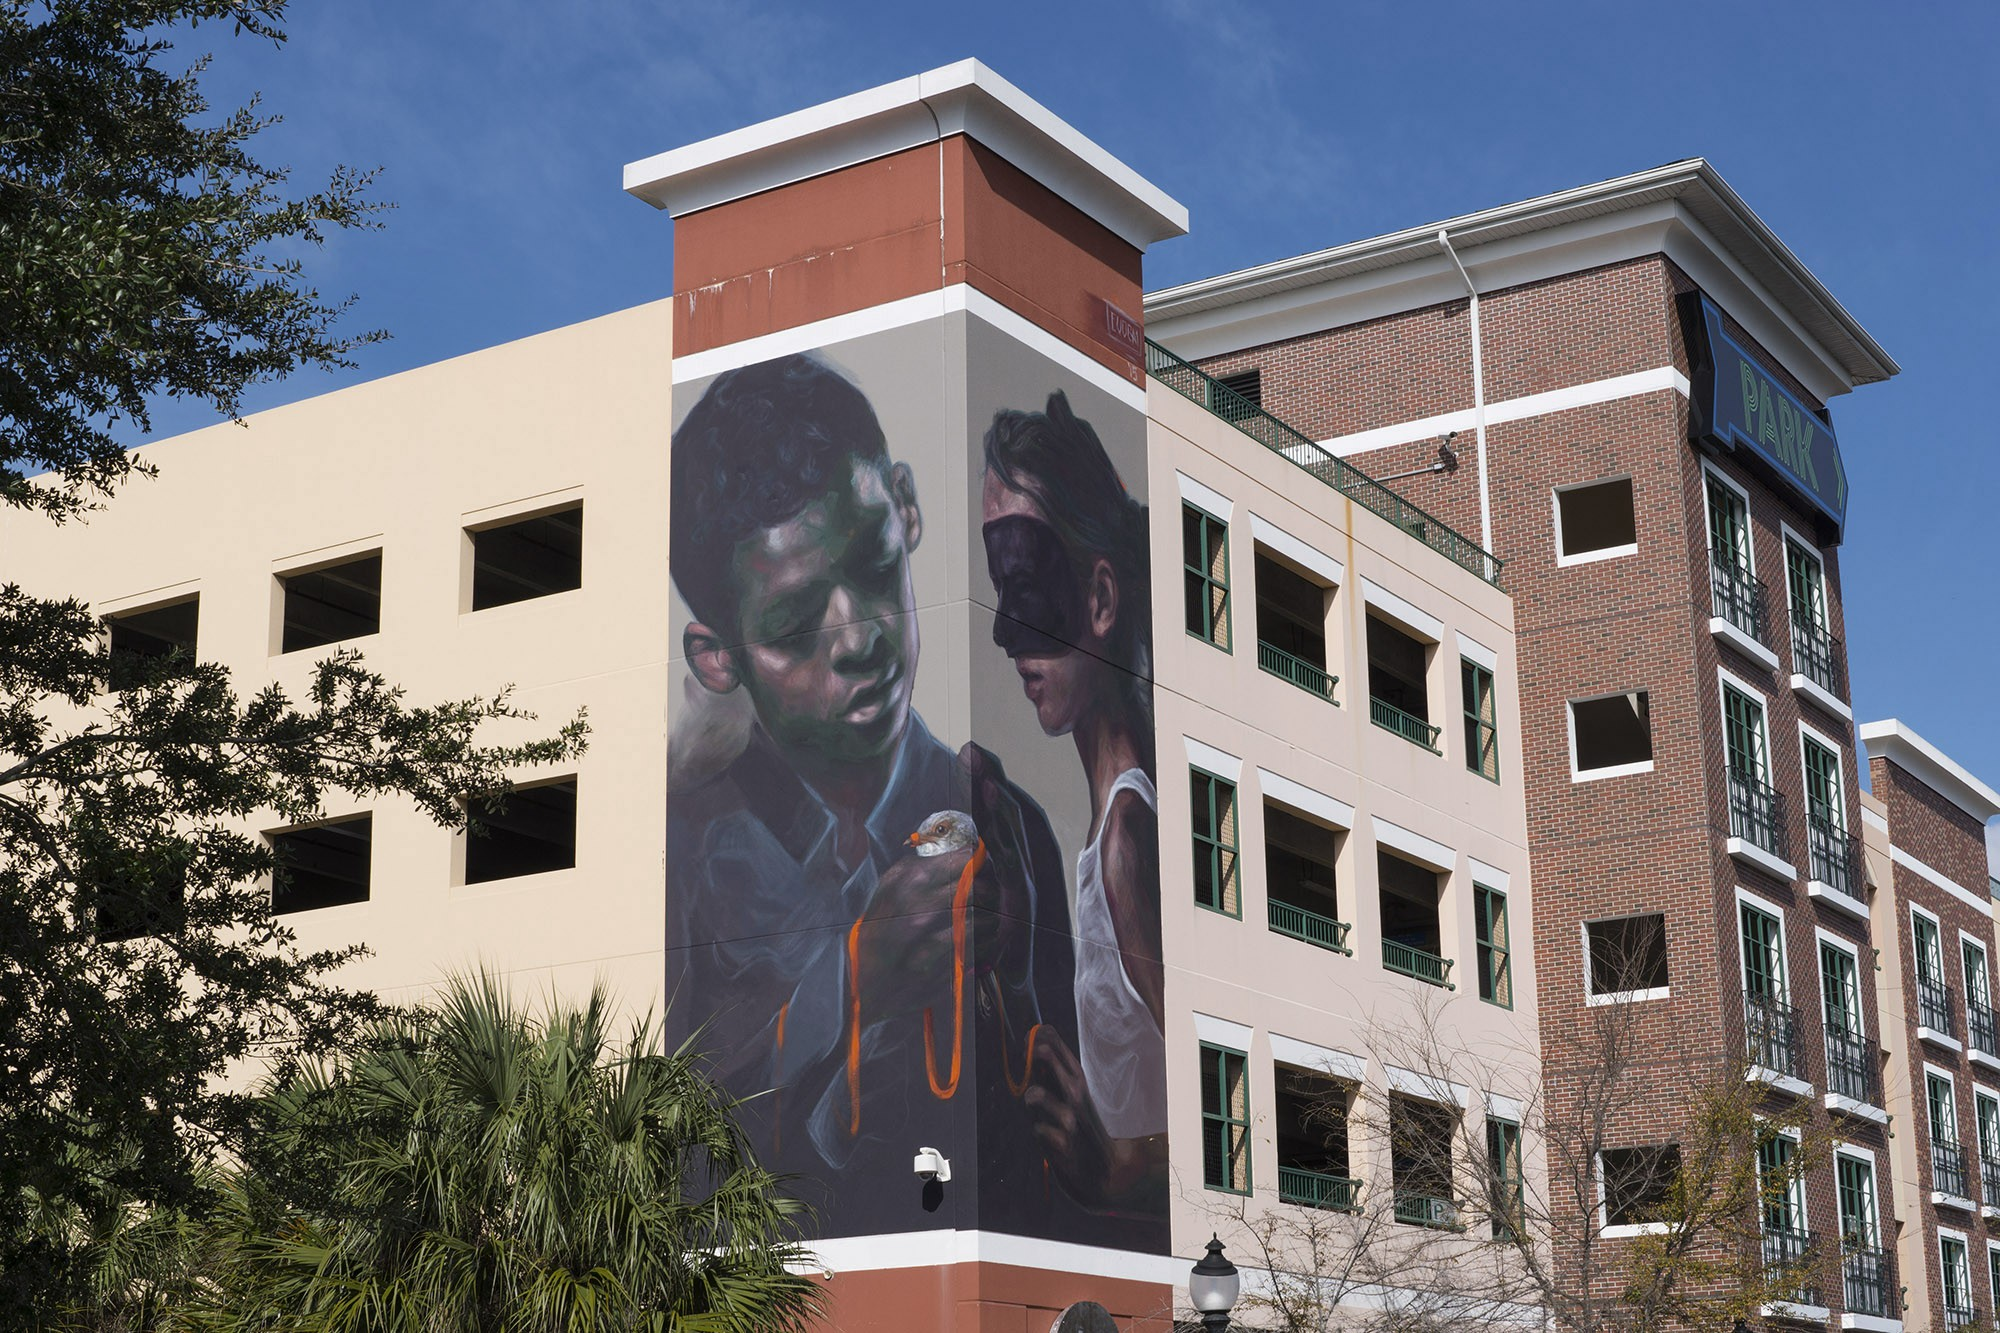 Evoca1 n 352 walls Gainesville_5